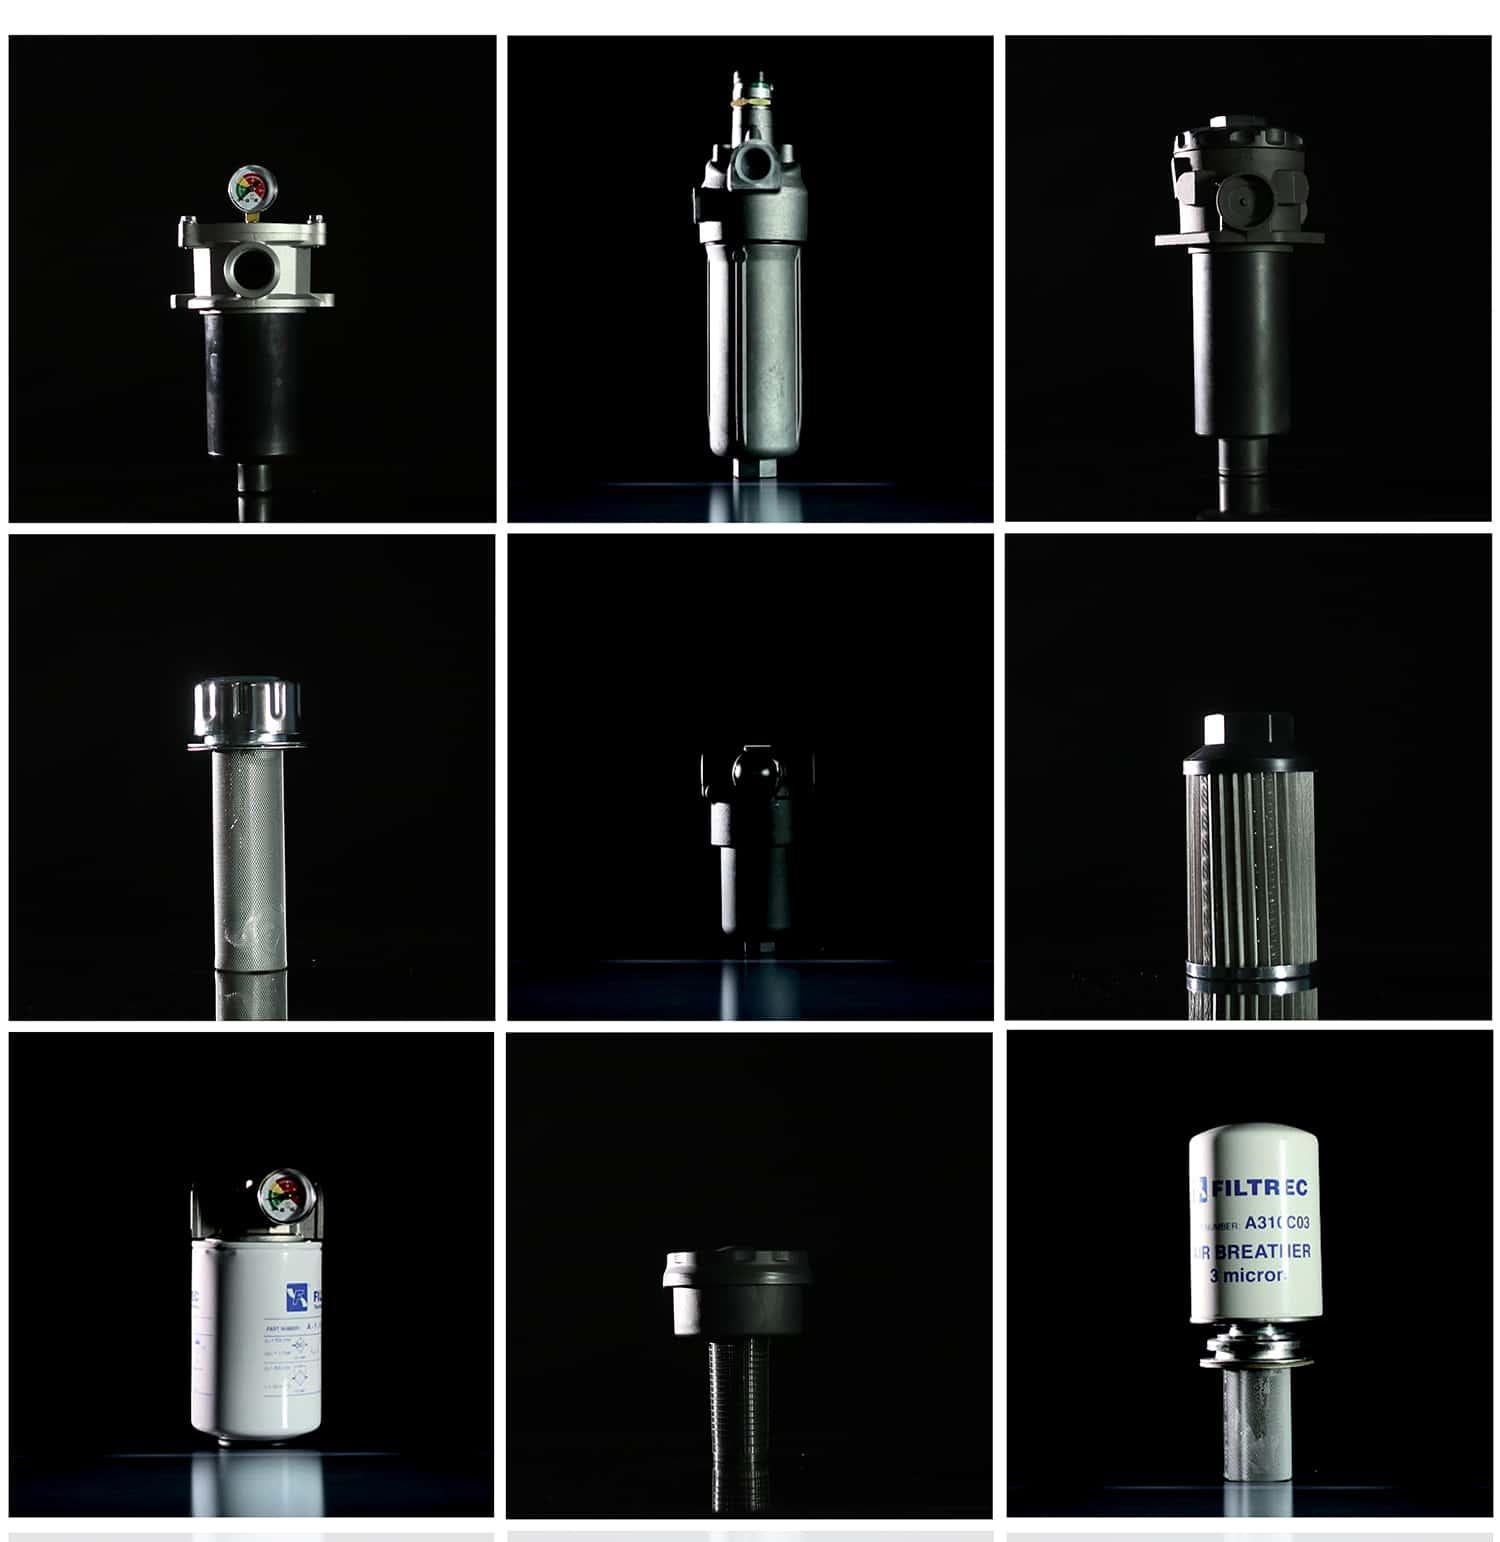 filtrec hydraulic filter